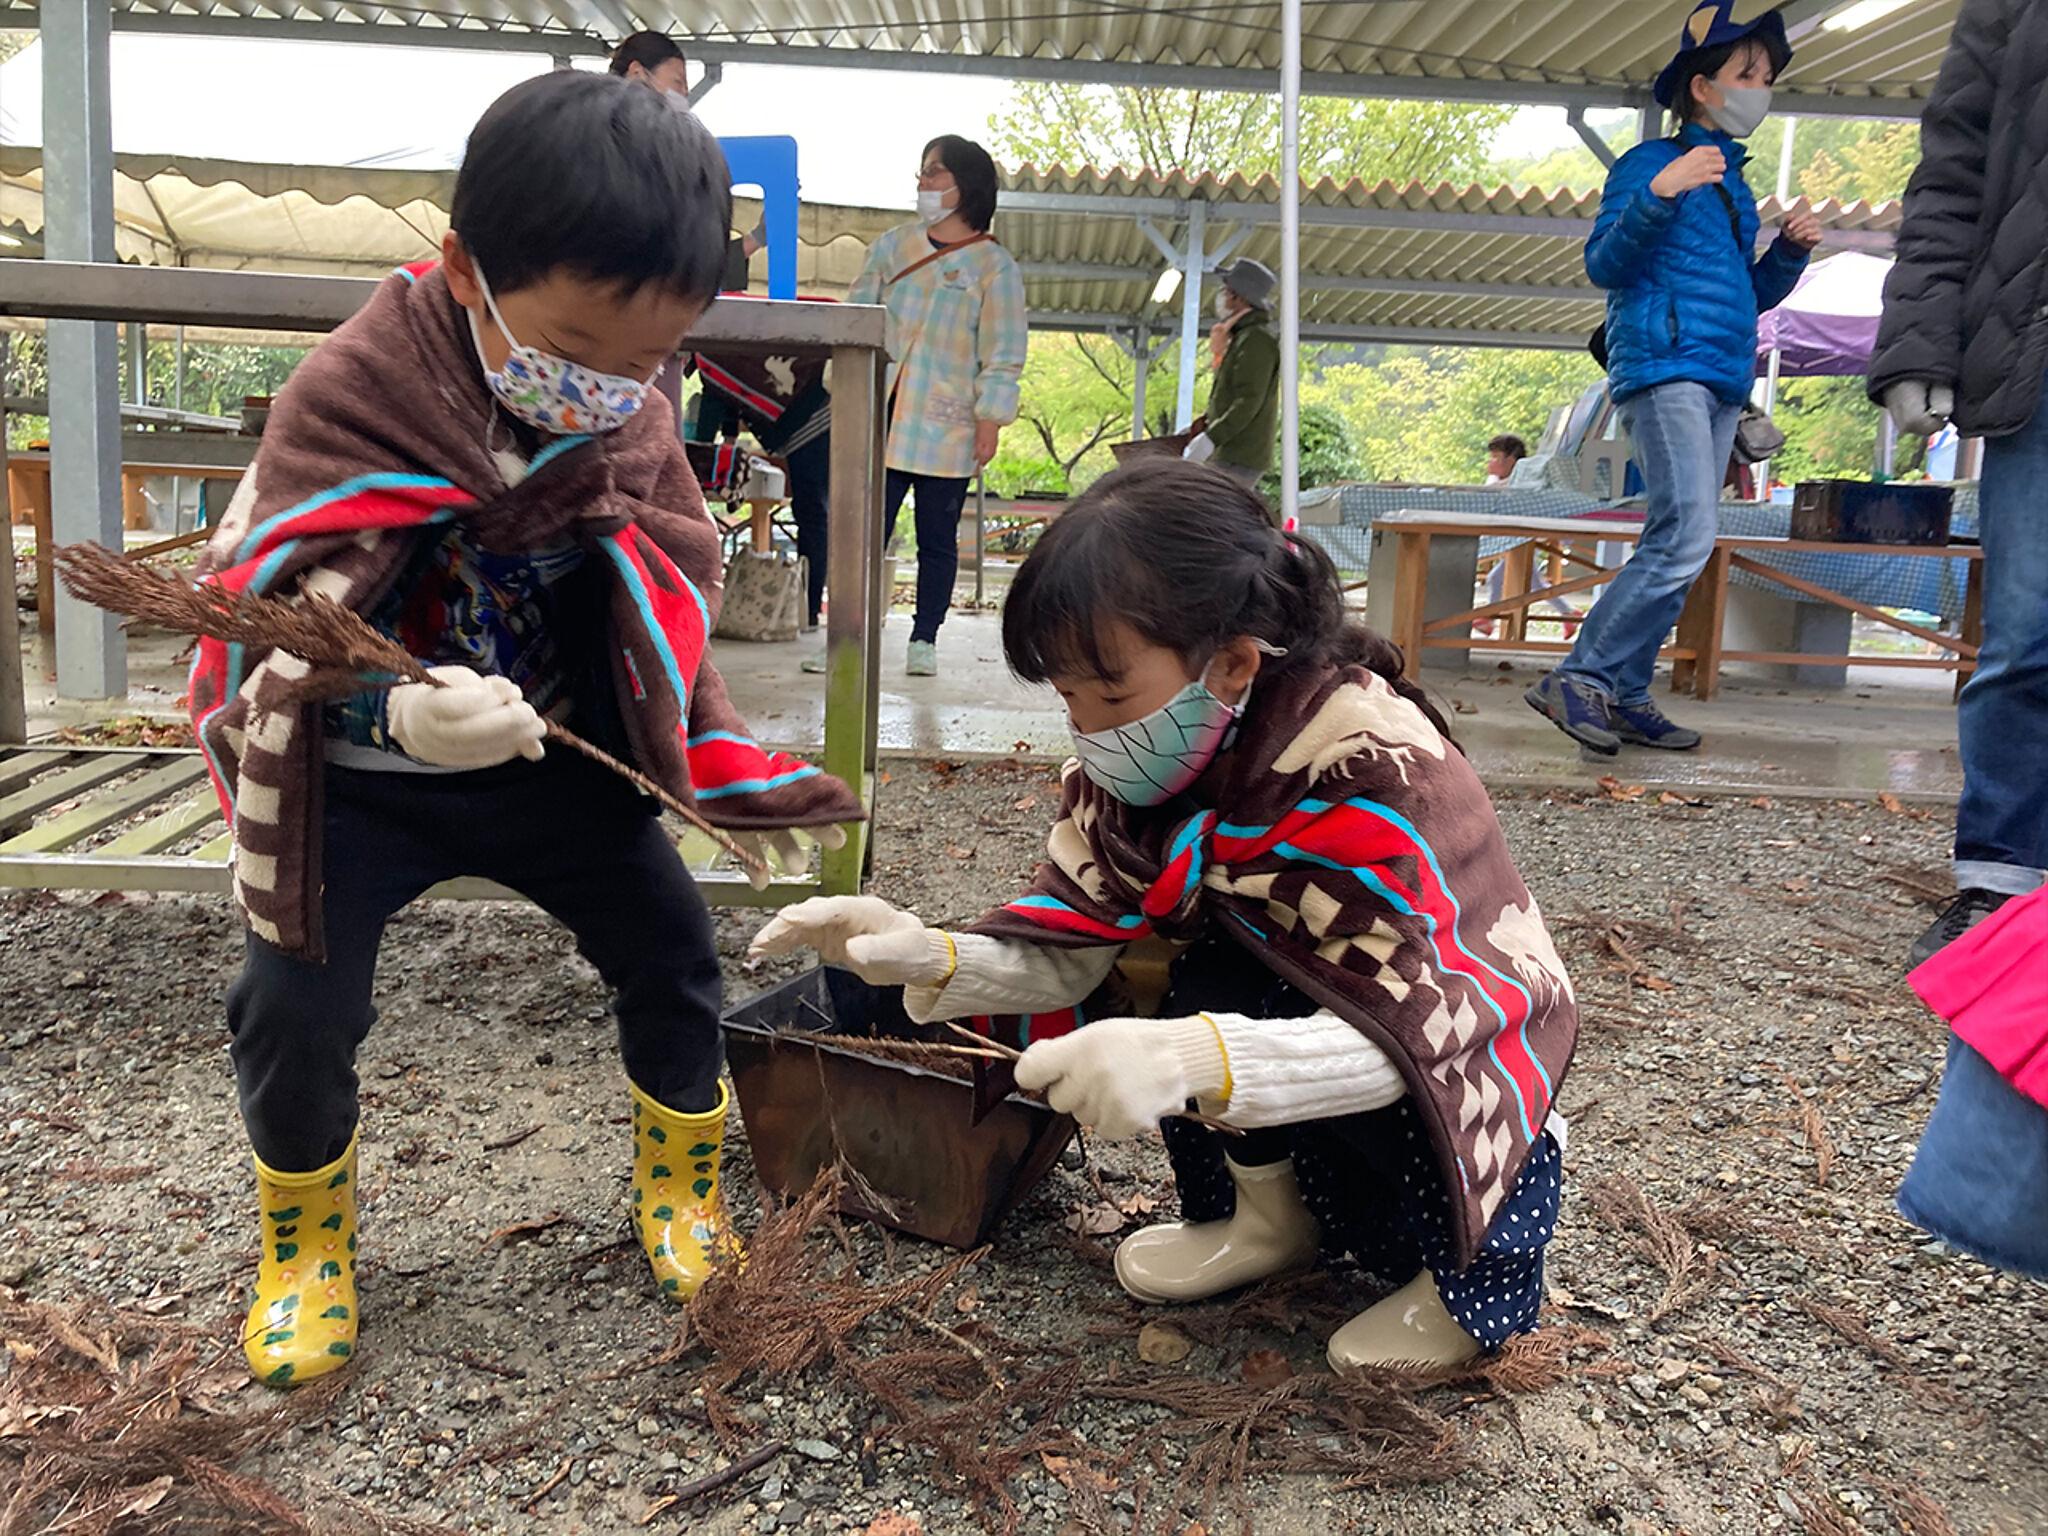 キャンプをしている子どもたちの画像